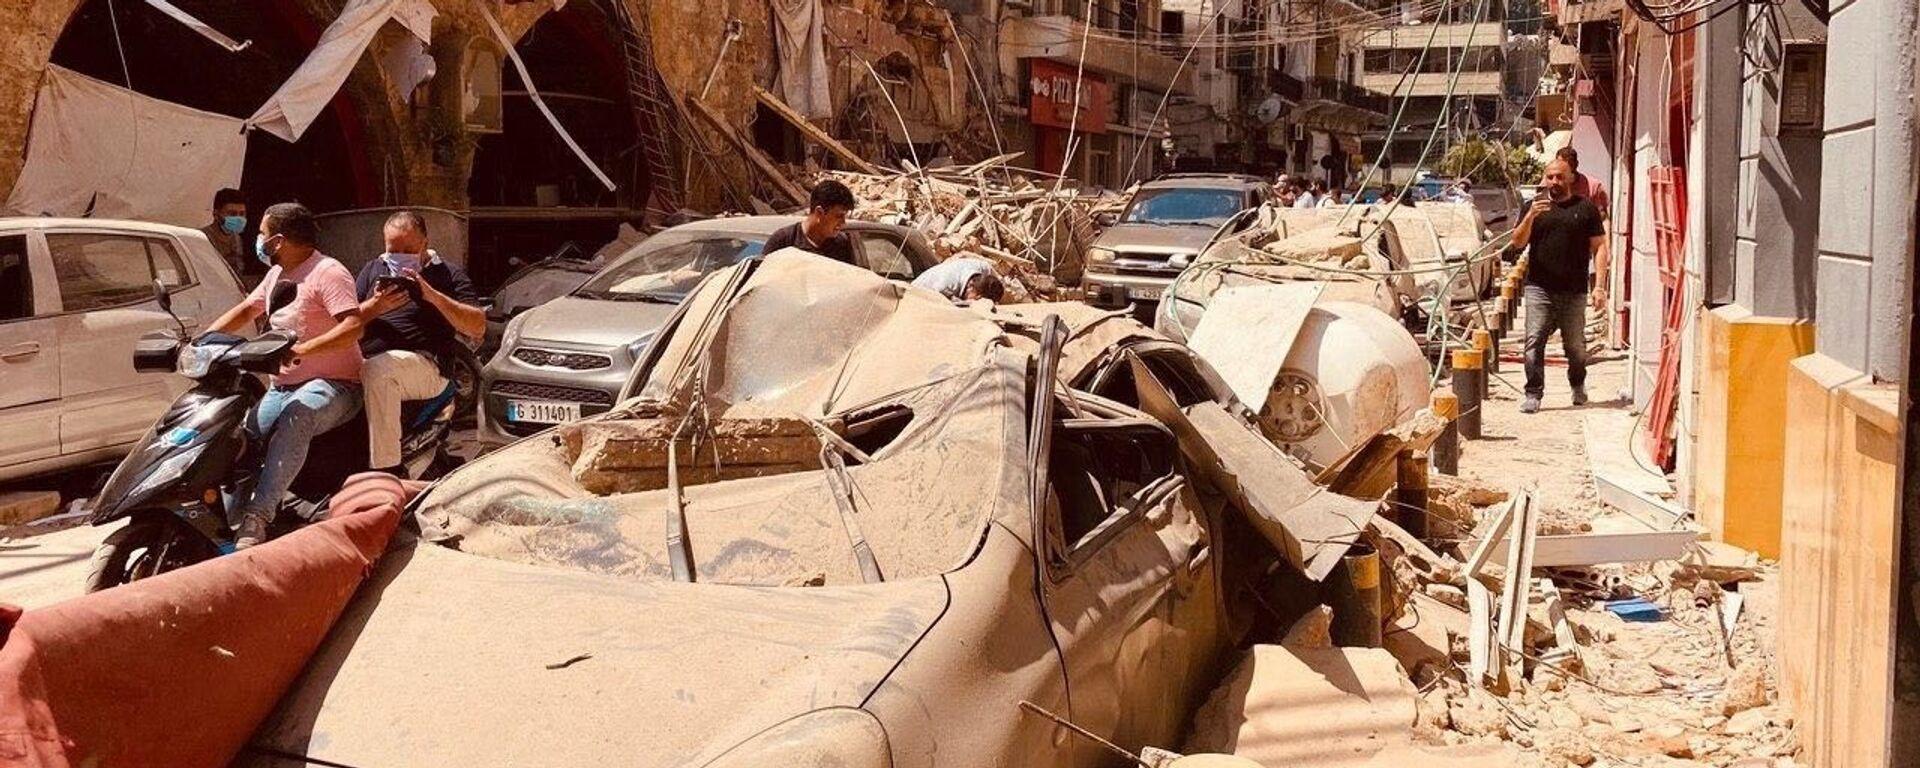 Последствия взрыва в Ливане - Sputnik Таджикистан, 1920, 05.08.2020